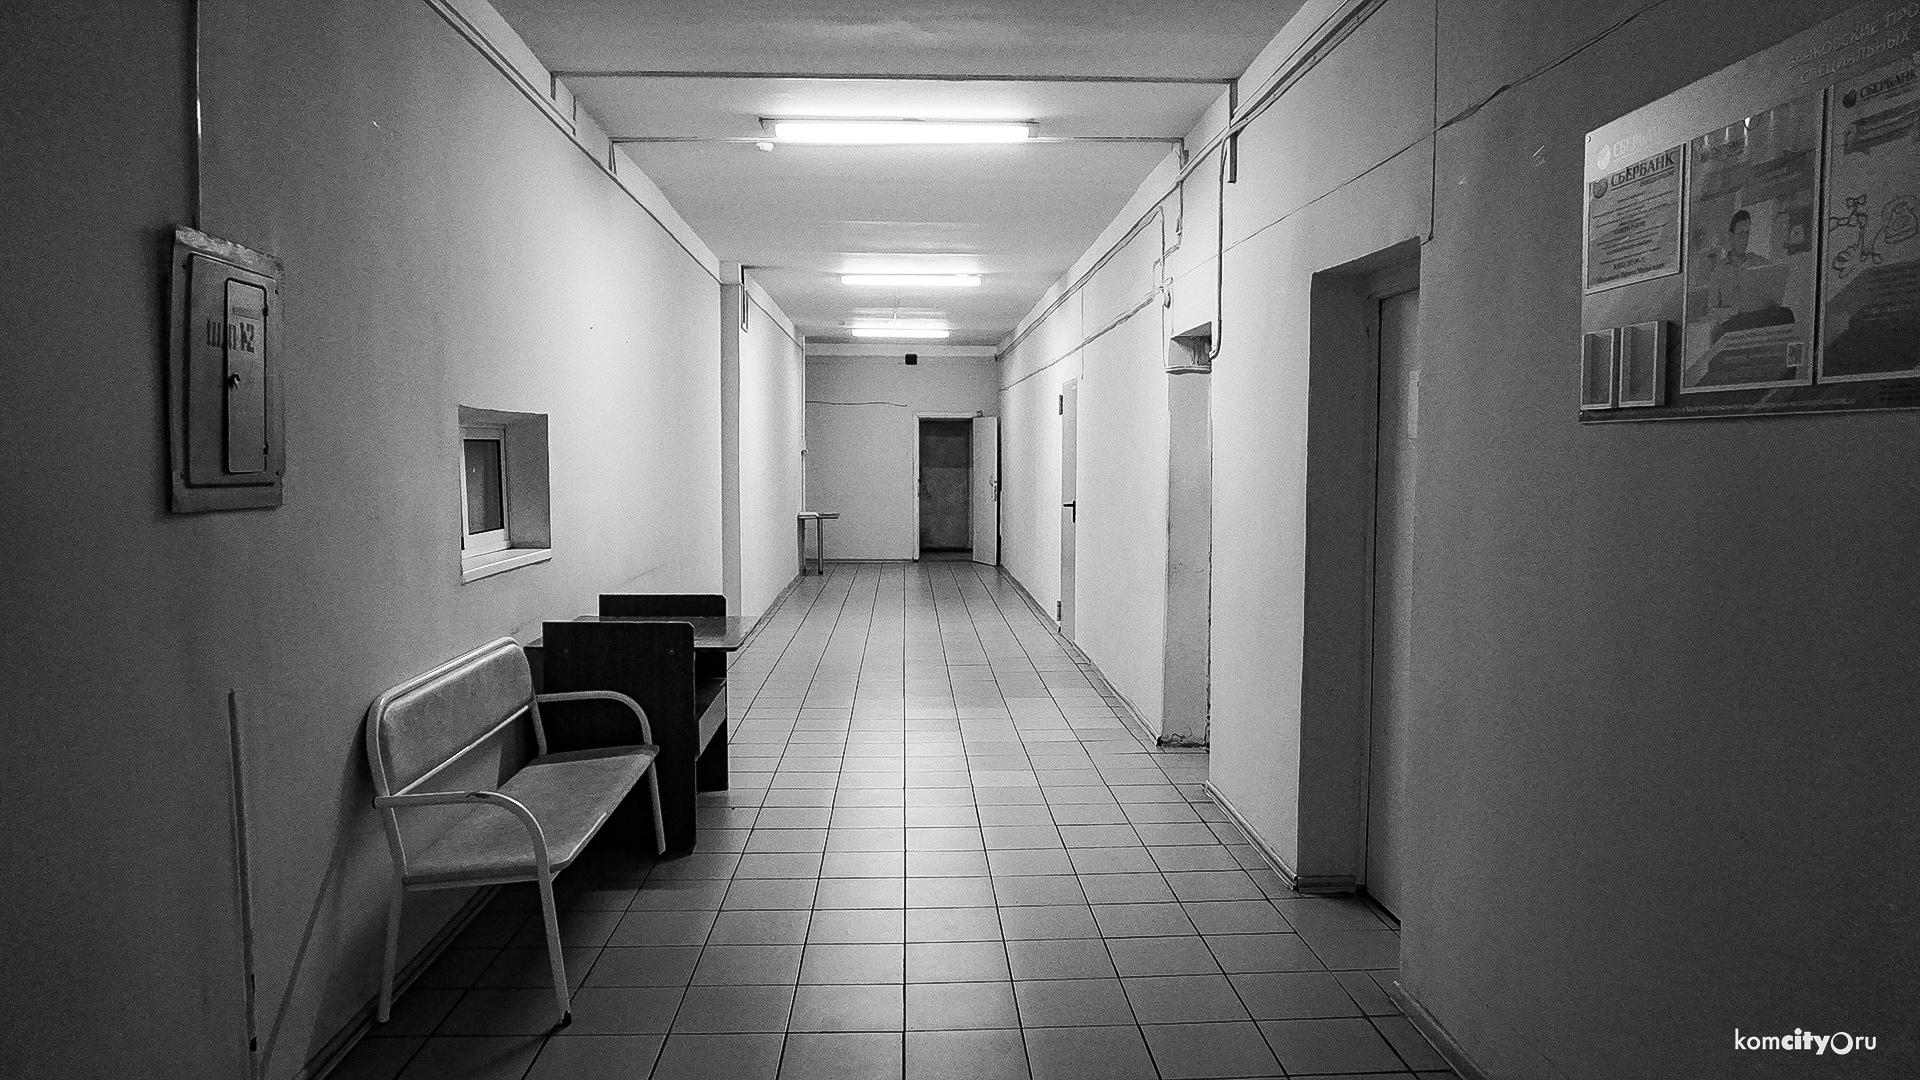 Мужчина предстанет перед судом за покушение на убийство врача